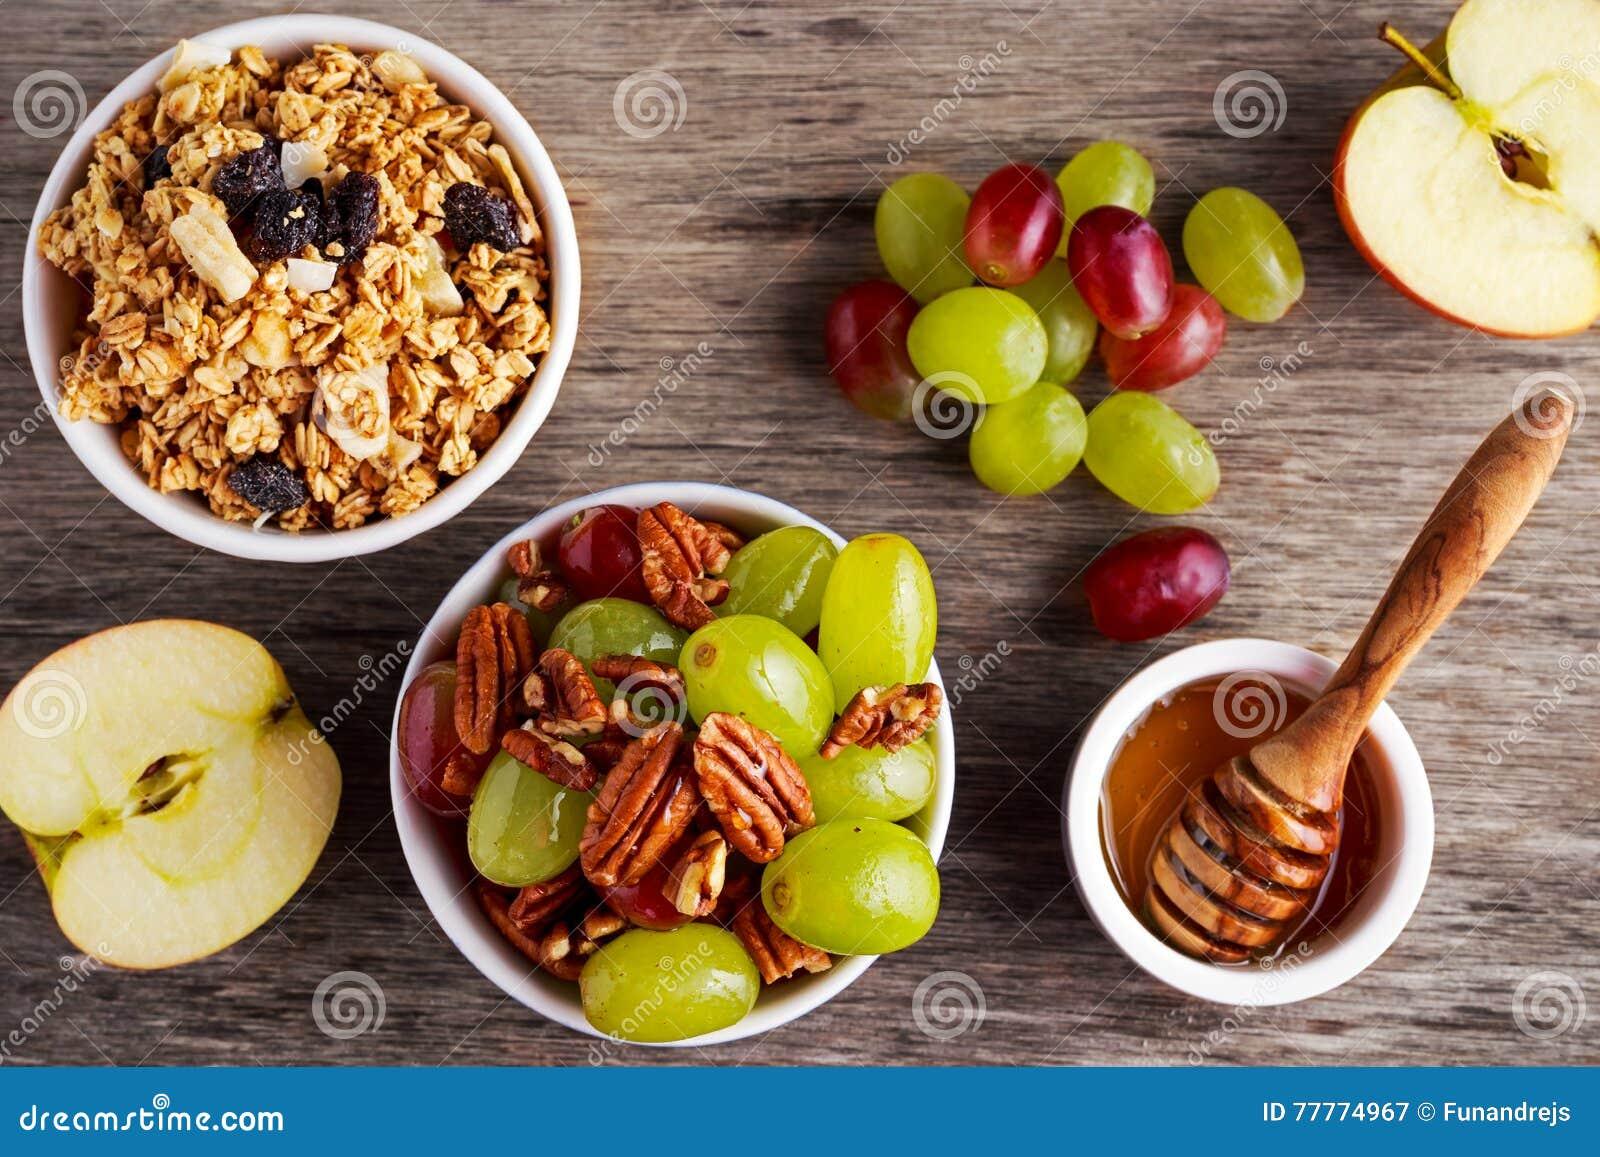 Het ontbijt prep met geroosterde haver groepeert zich, de sappige rozijnen, banaan en ananasbrokkennoot van de druivenpecannoot